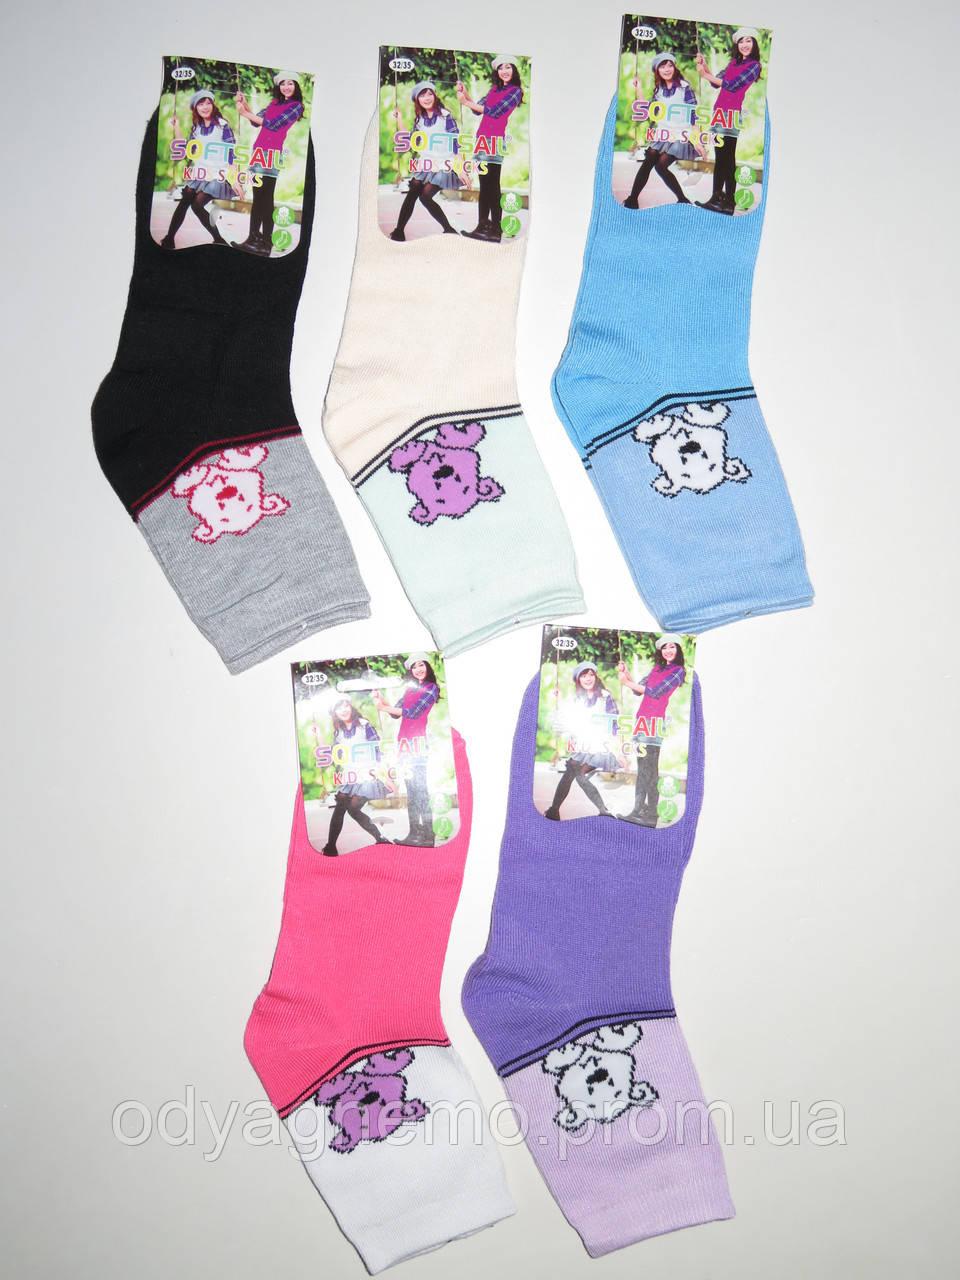 Детские носки для девочек Softsail оптом ,32/35-36/39 pp.